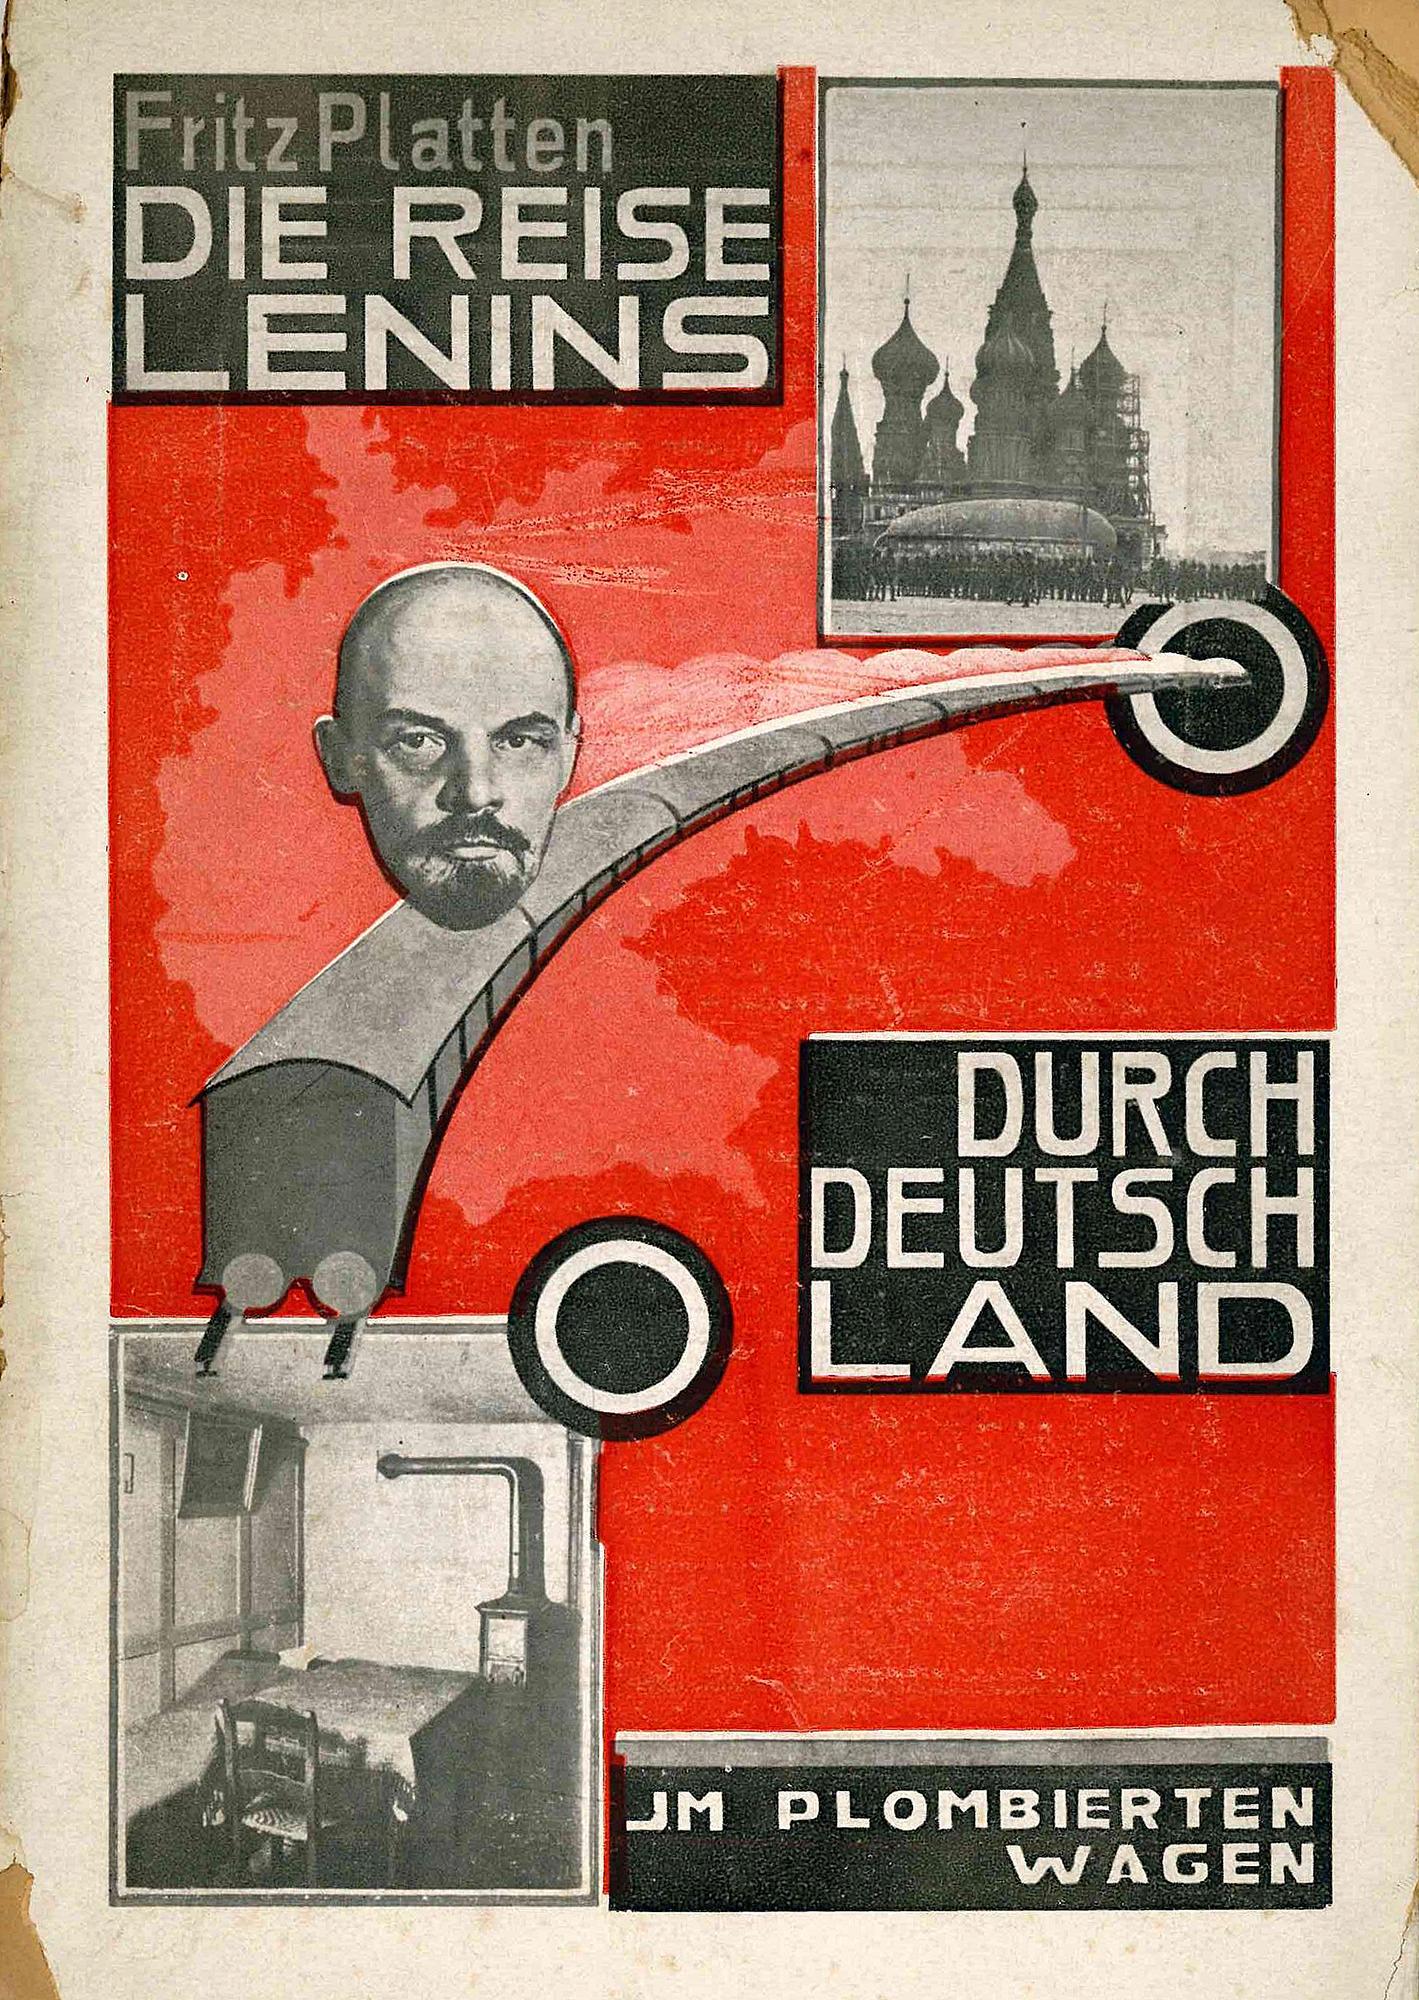 Die Reise auf einen Blick: Deckel der Erstausgabe von Fritz Plattens Rückblick auf die historische Fahrt (1924).